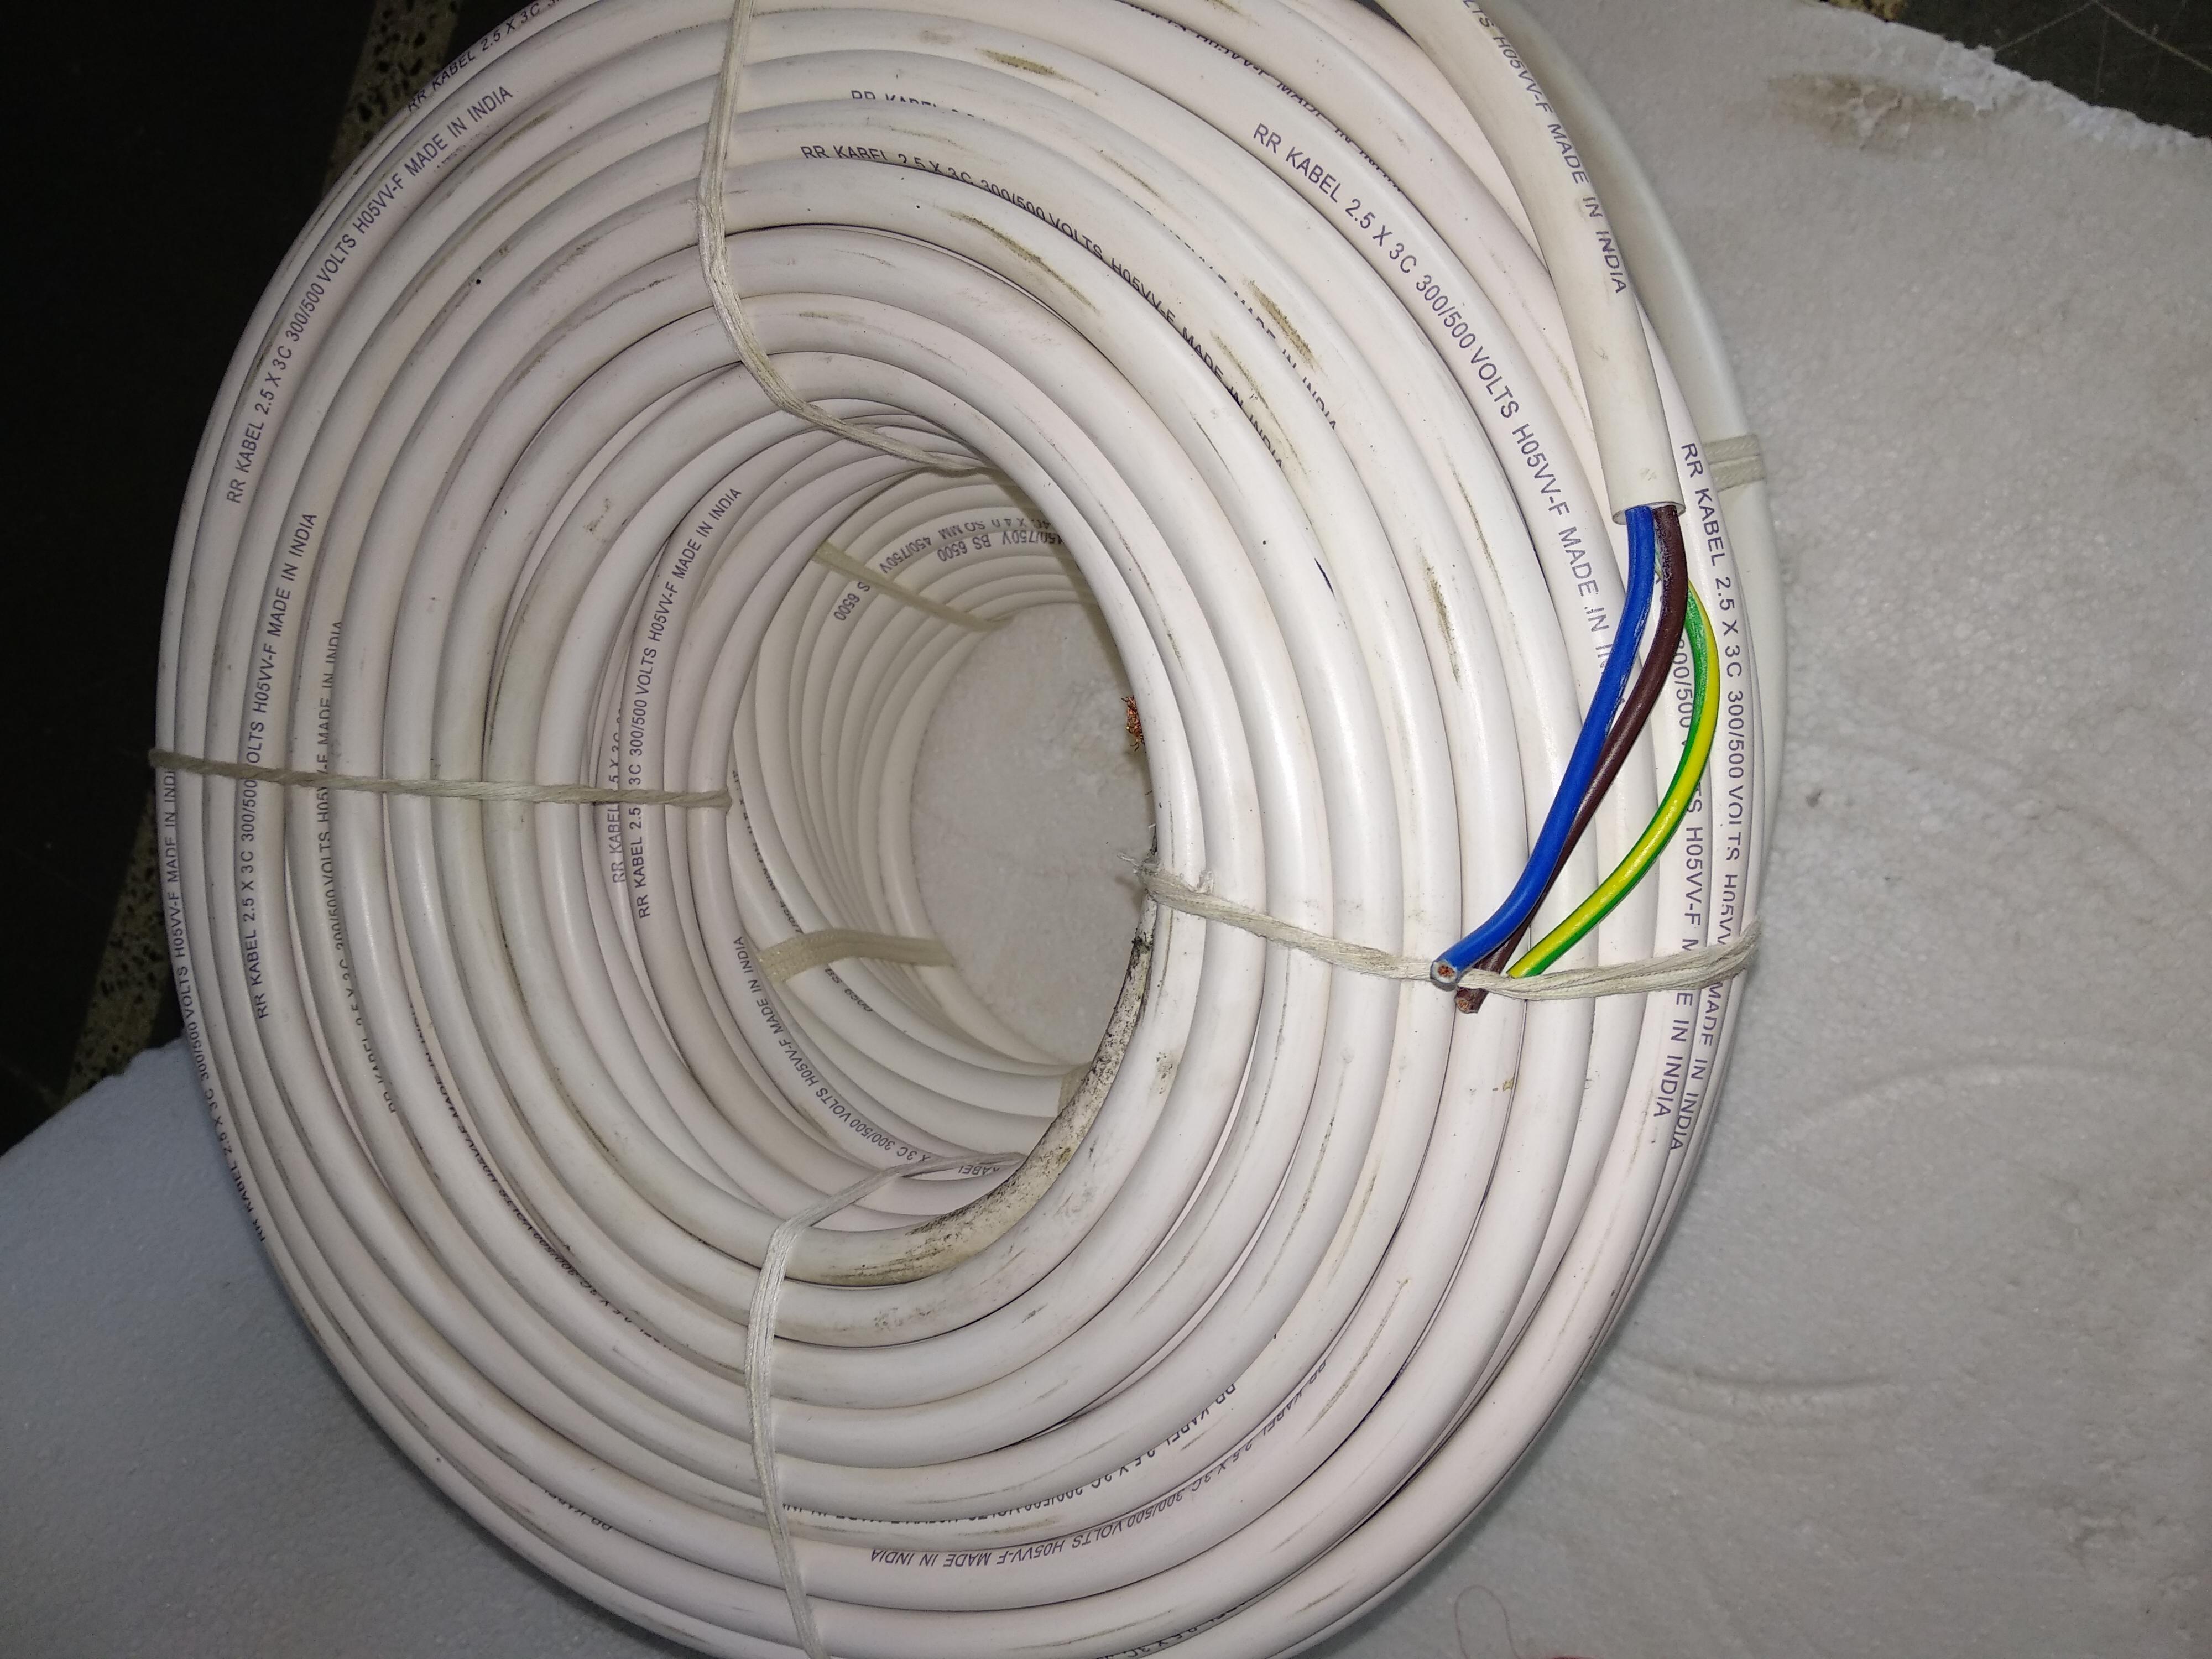 Multi Core Copper Cables